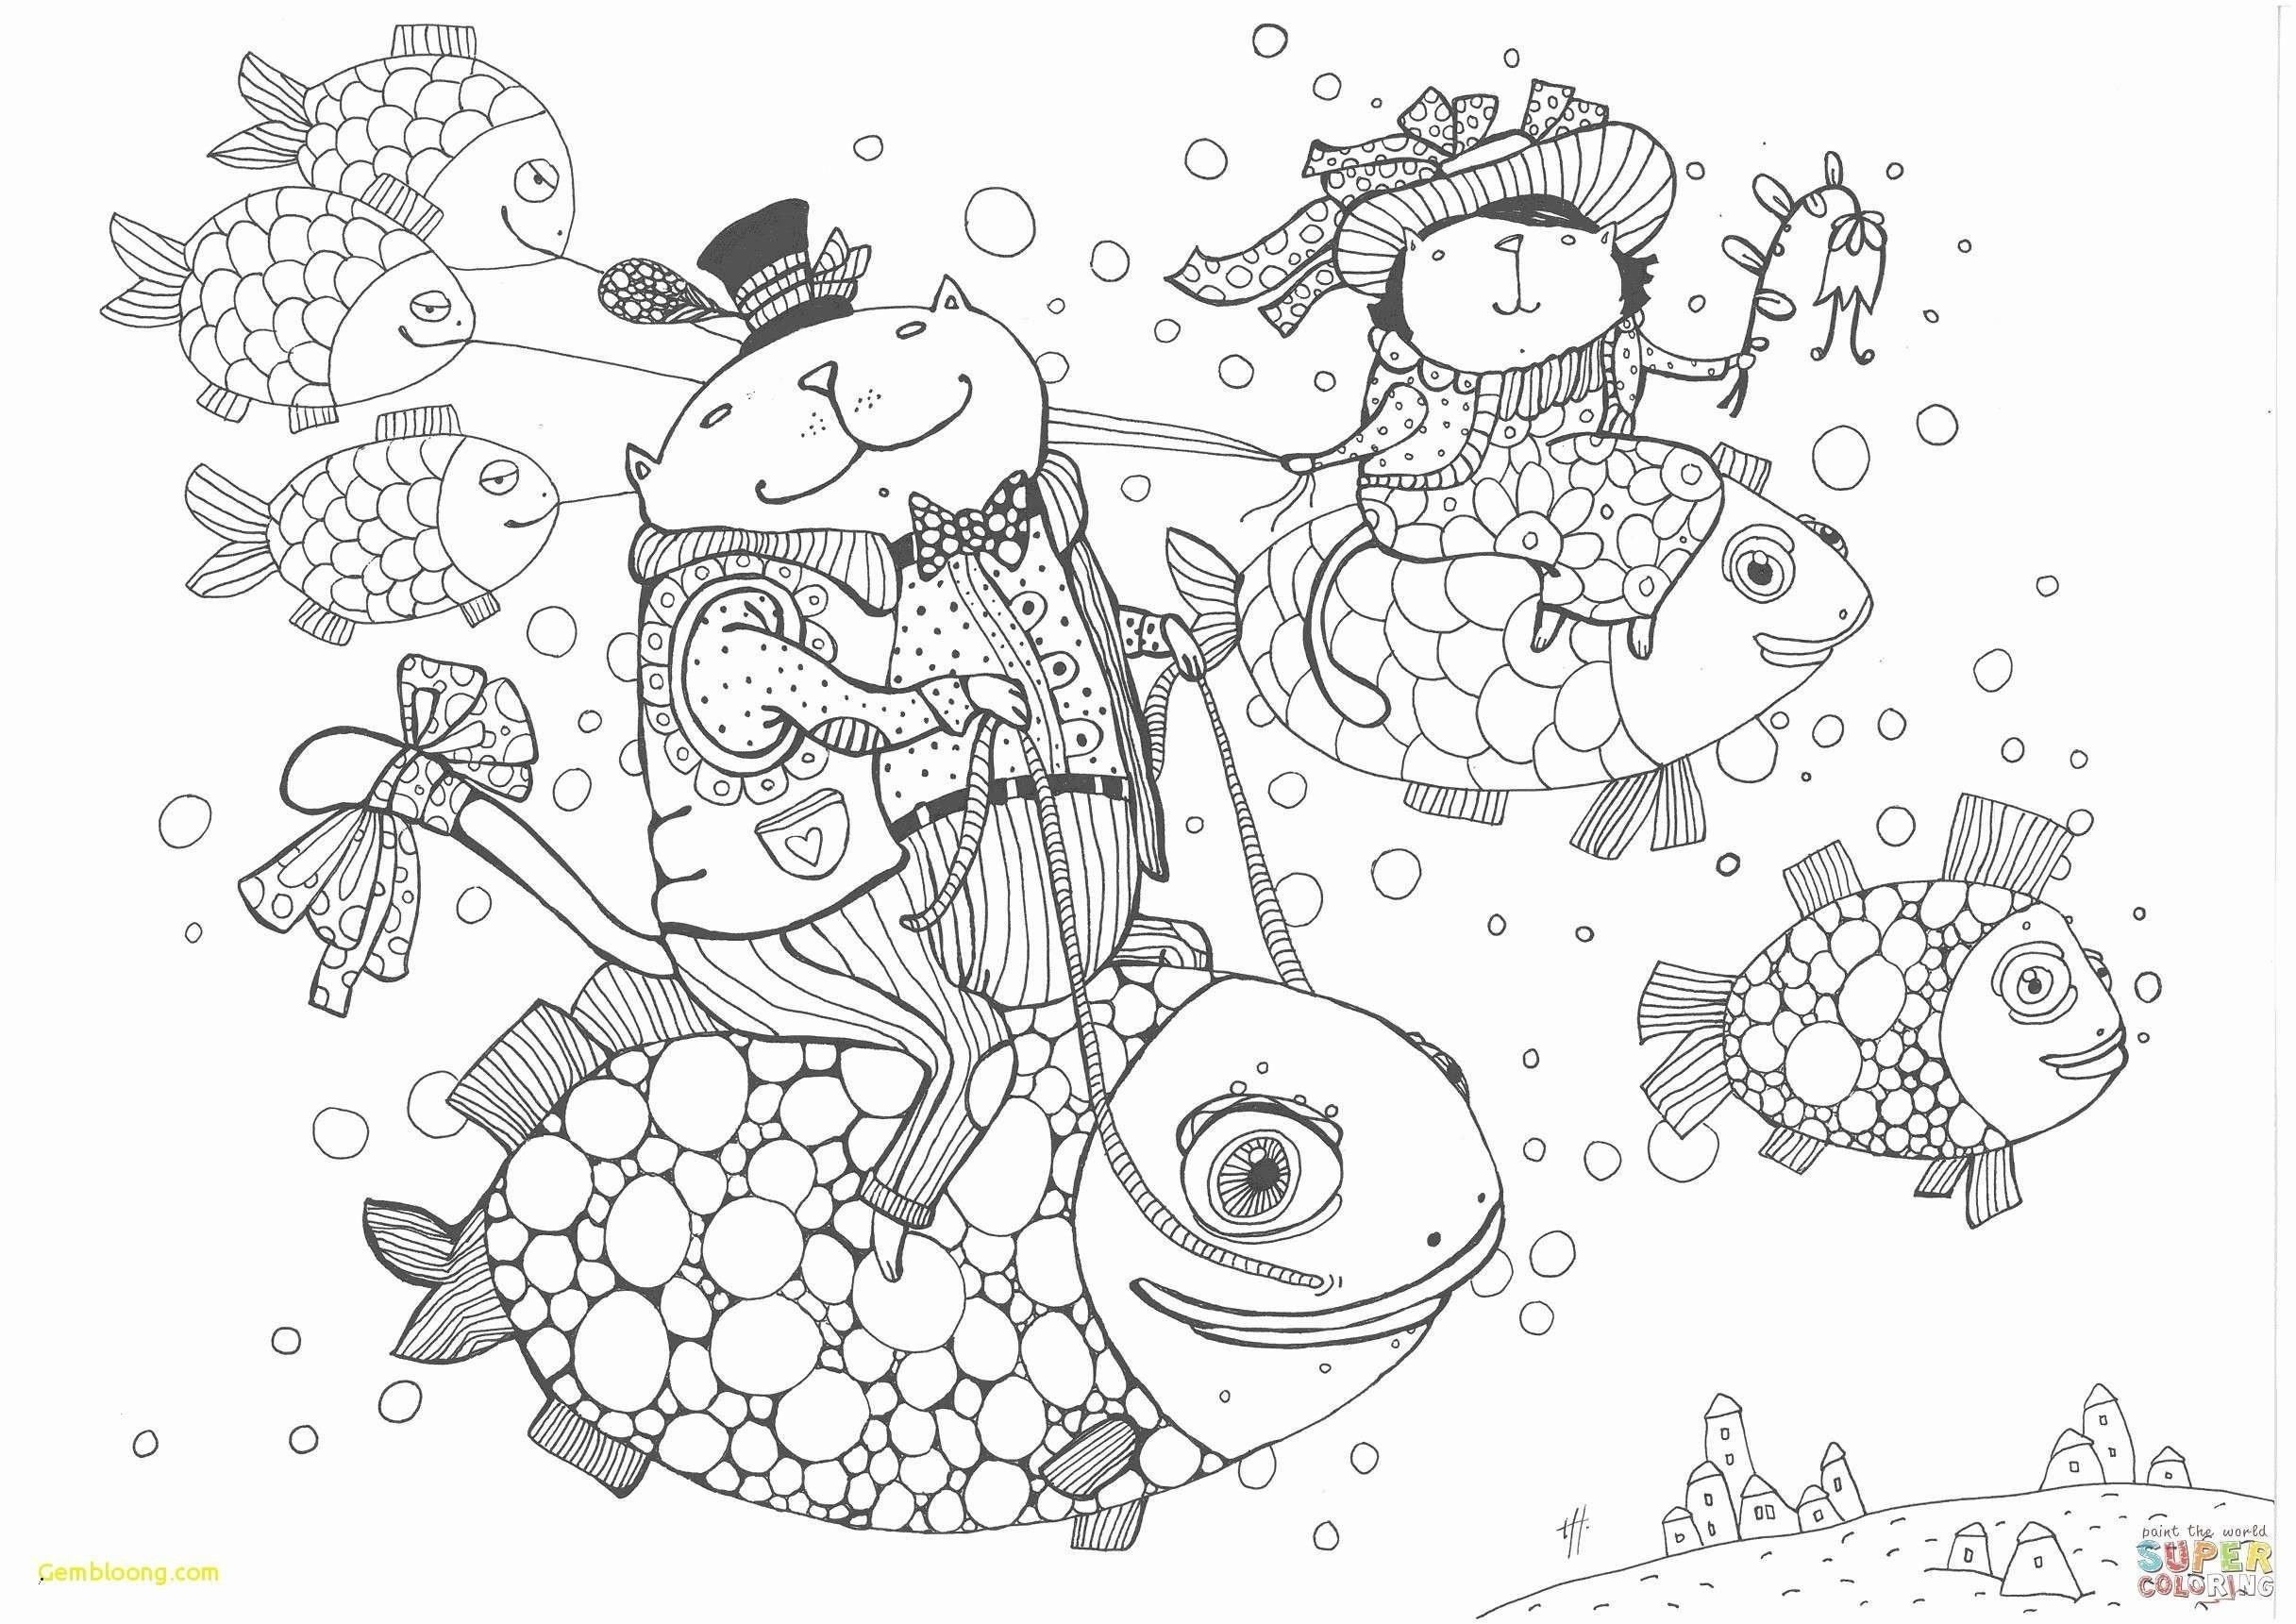 Spongebob Bilder Zum Ausmalen Neu 48 formular Spongebob Und Patrick Ausmalbilder Treehouse Nyc Bilder